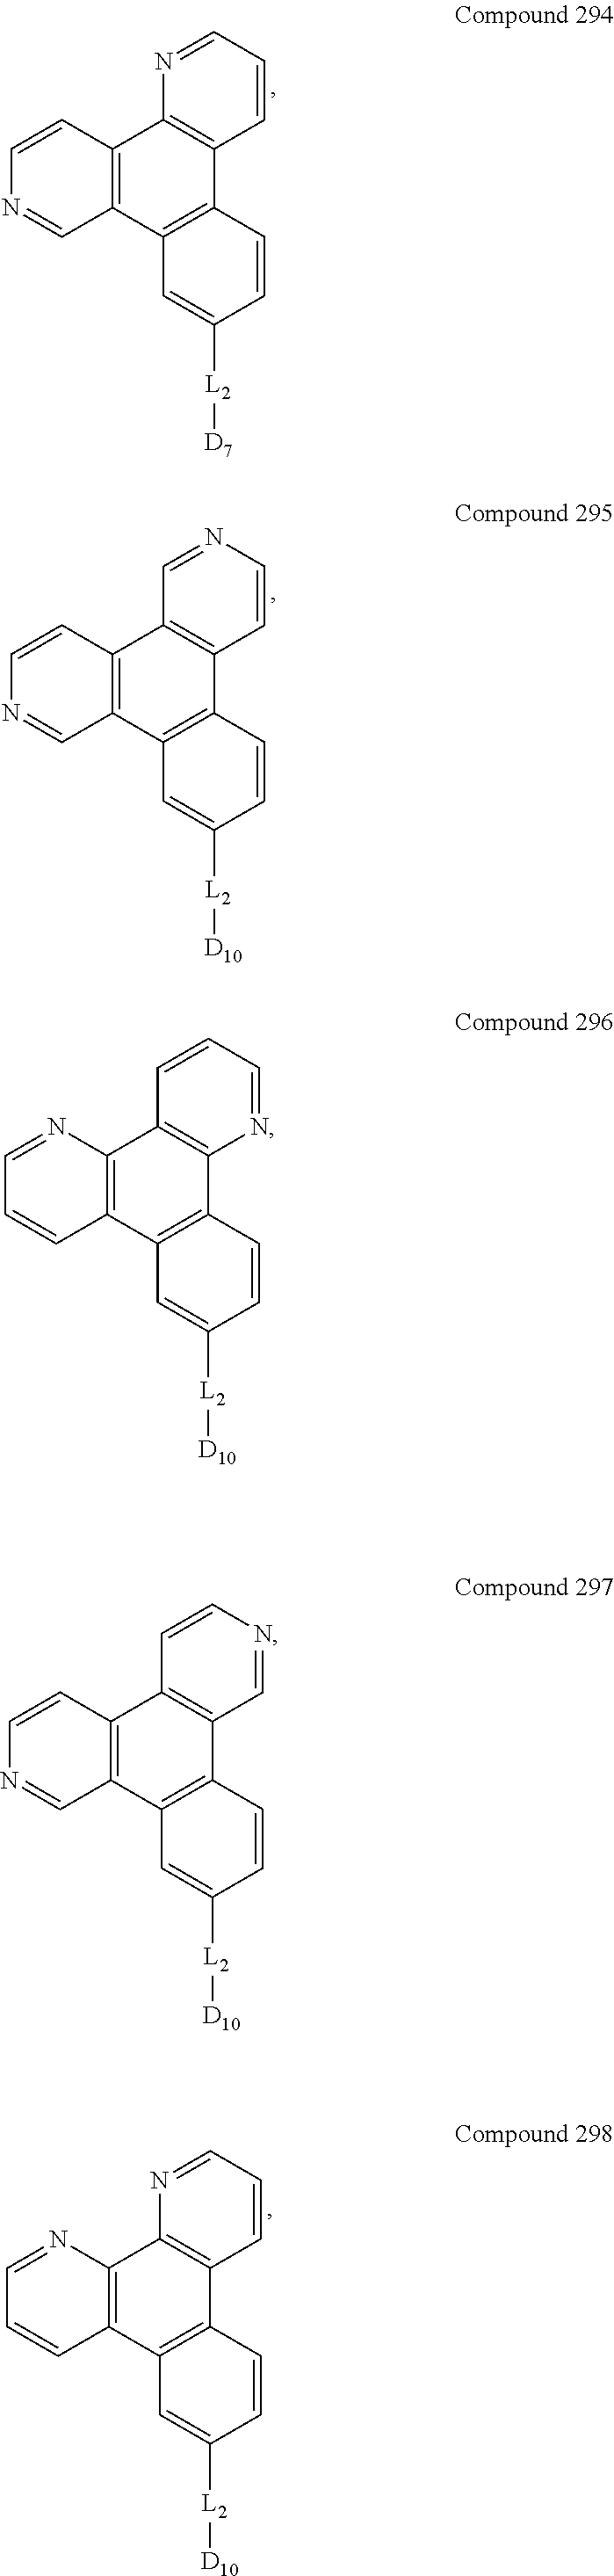 Figure US09537106-20170103-C00630